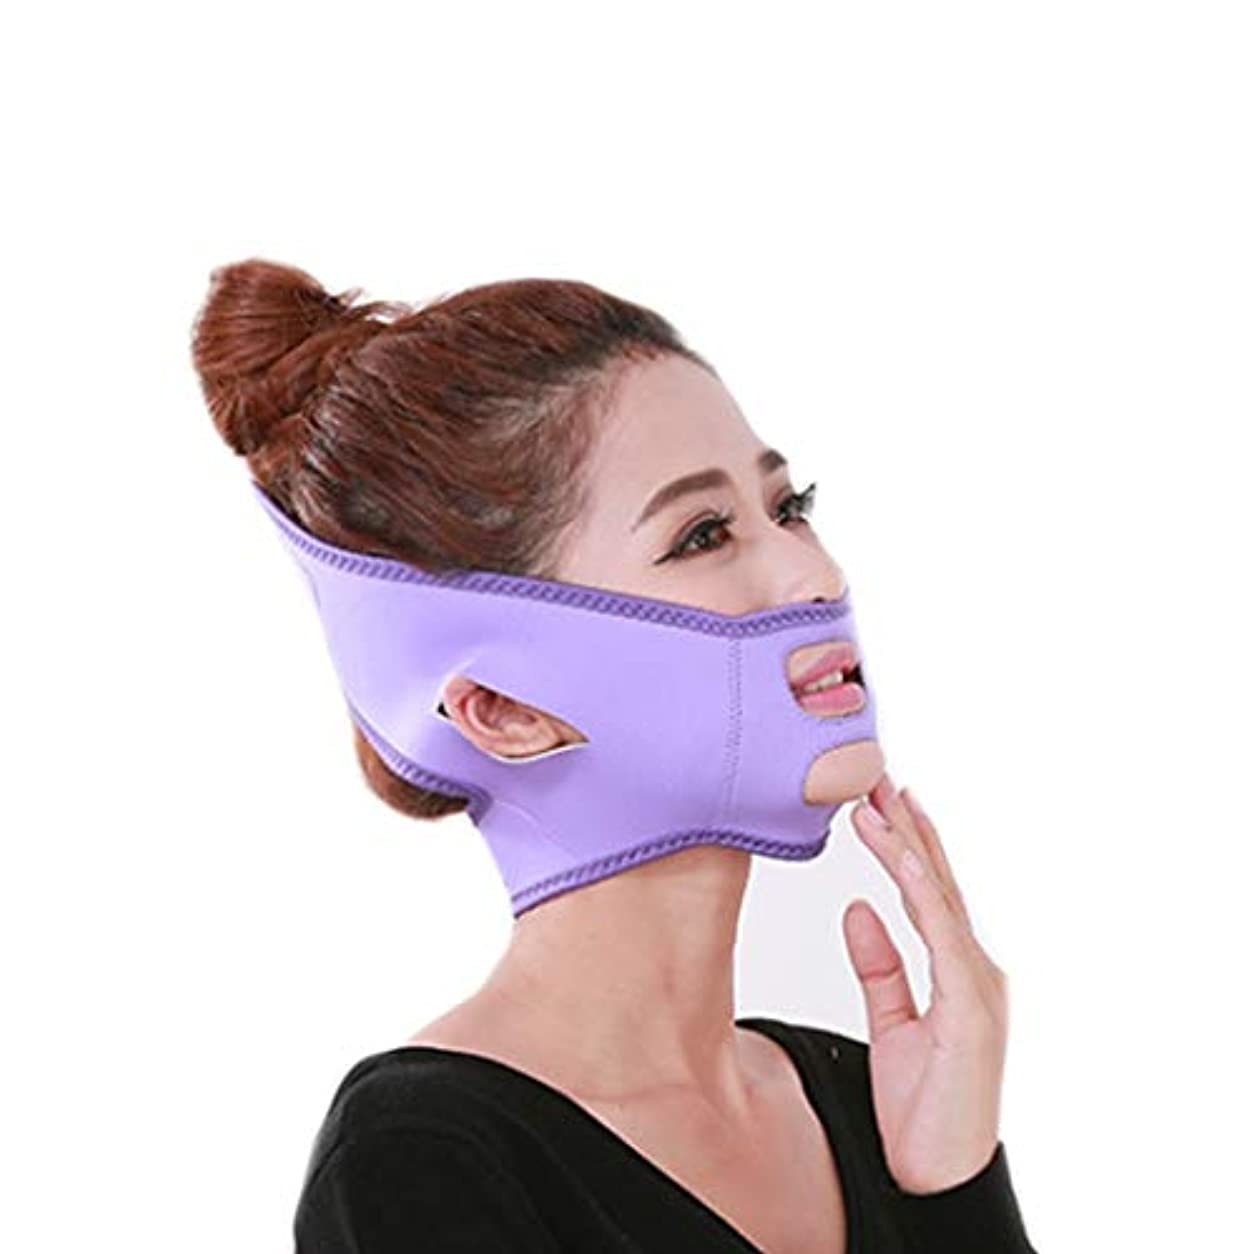 ヒロインペレグリネーション履歴書XHLMRMJ フェイスリフトテープ&バンド、フェイススリミングマスク、ダブルチン、ダブルチンリデューサー、シワ防止マスク、リフティングシェイプ(フリーサイズ) (Color : Purple)